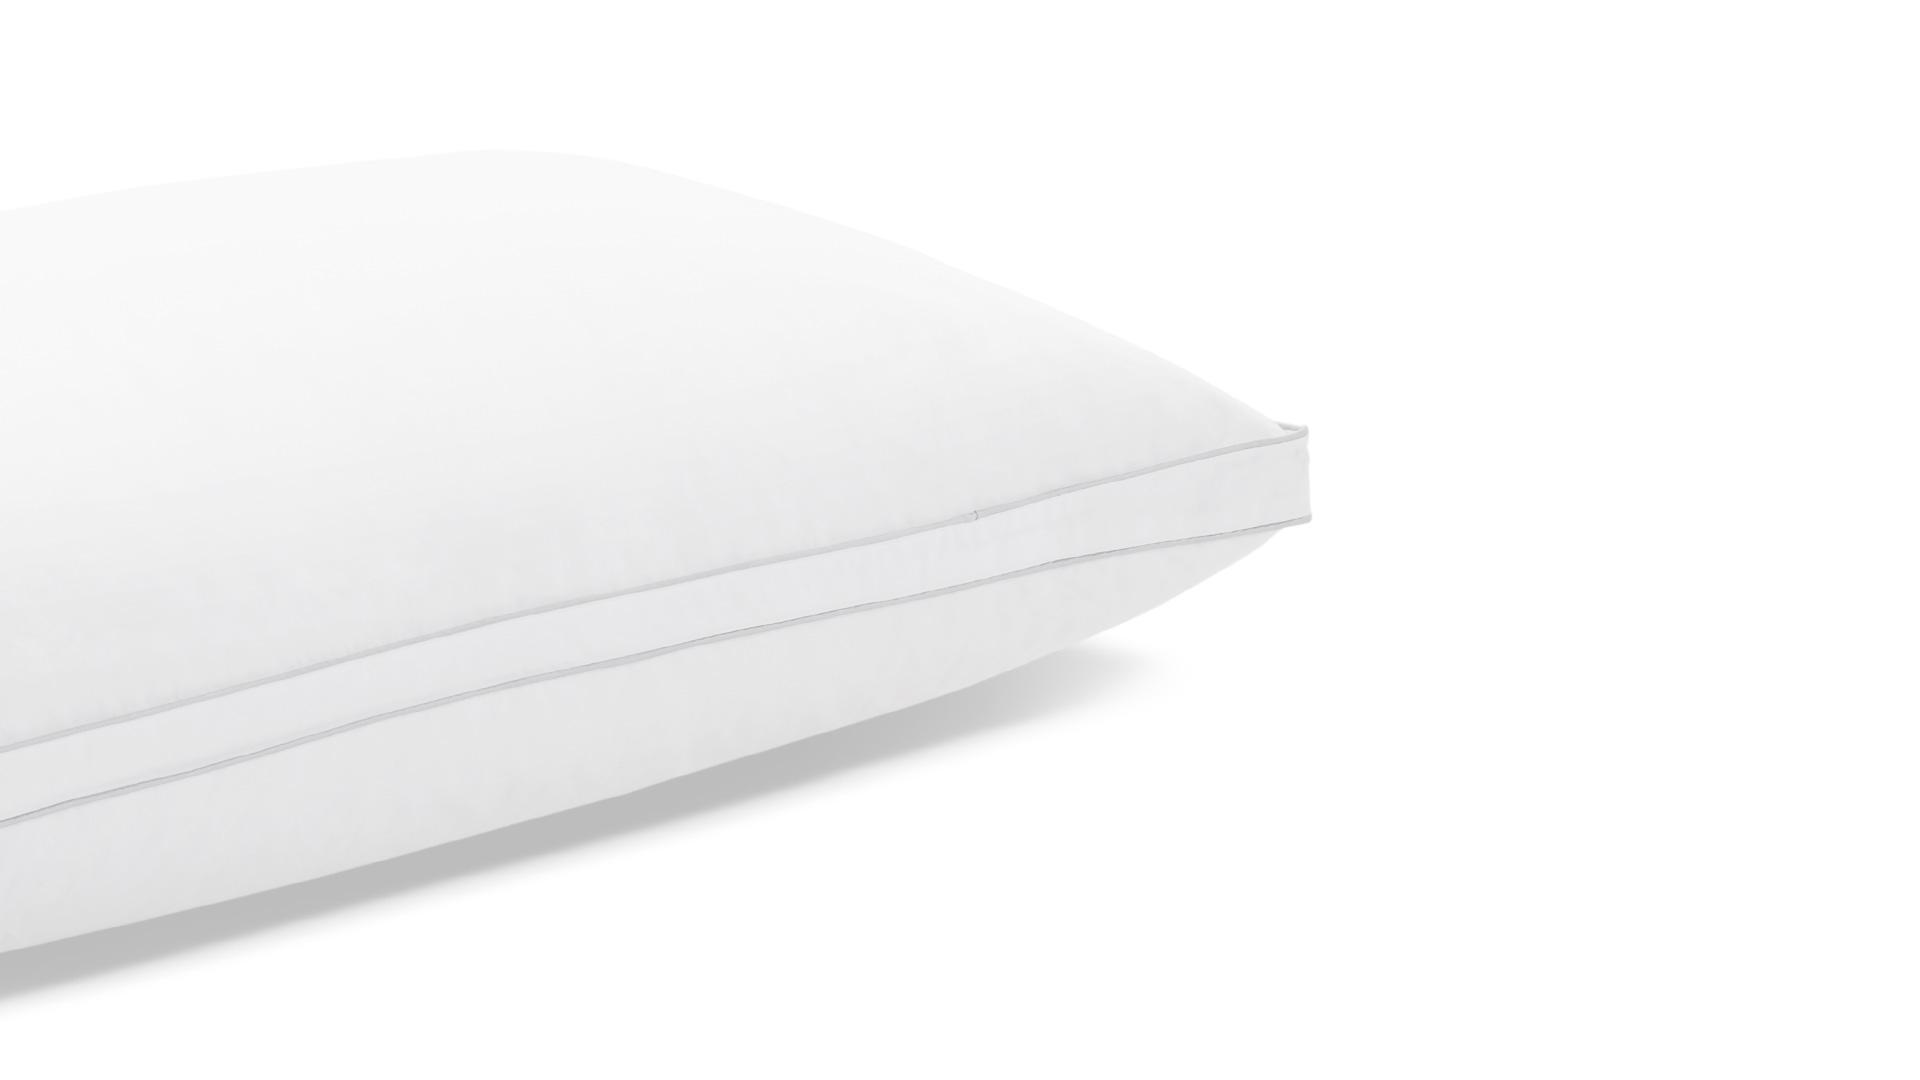 每款枕芯表面都采用内衣品级100%全棉面料,面料纱线以40纱支233根密度为标准,质感更加细腻柔软,具有吸汗排湿、保温、耐热、安全不刺激的特性,从脑袋接触枕头第一刻开始就拥有舒适体验。